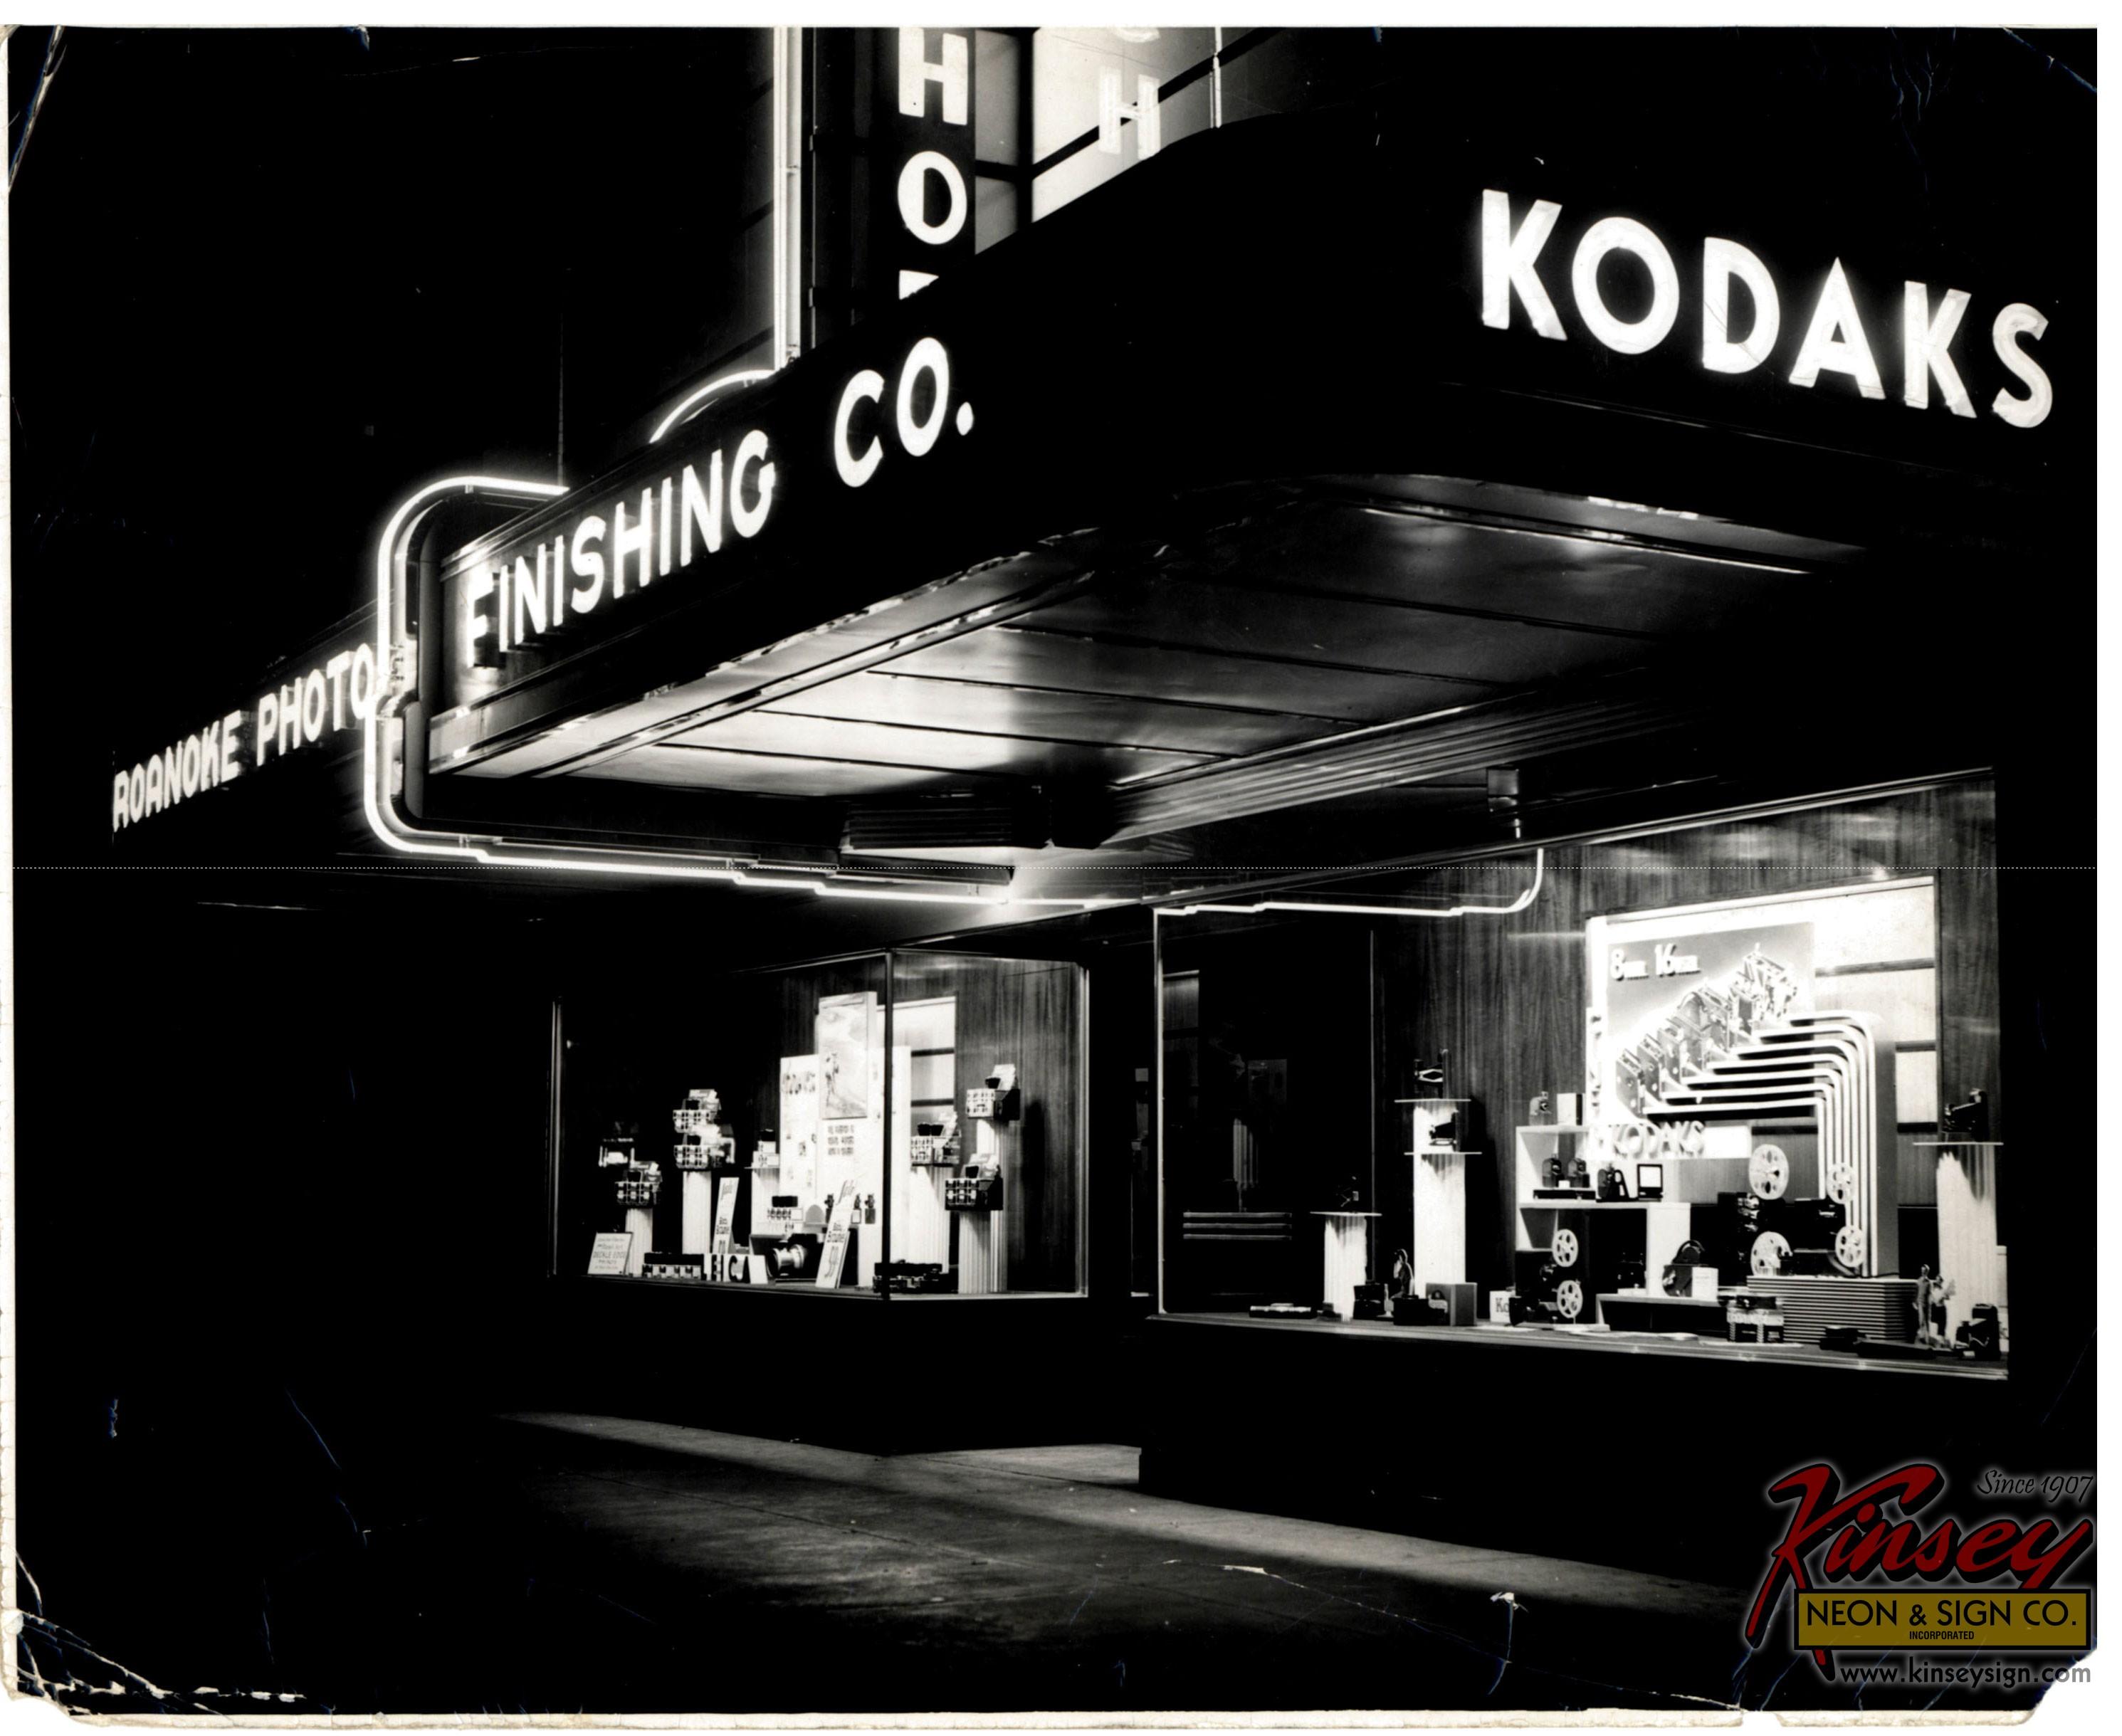 Roanoke-Photo-Finishing